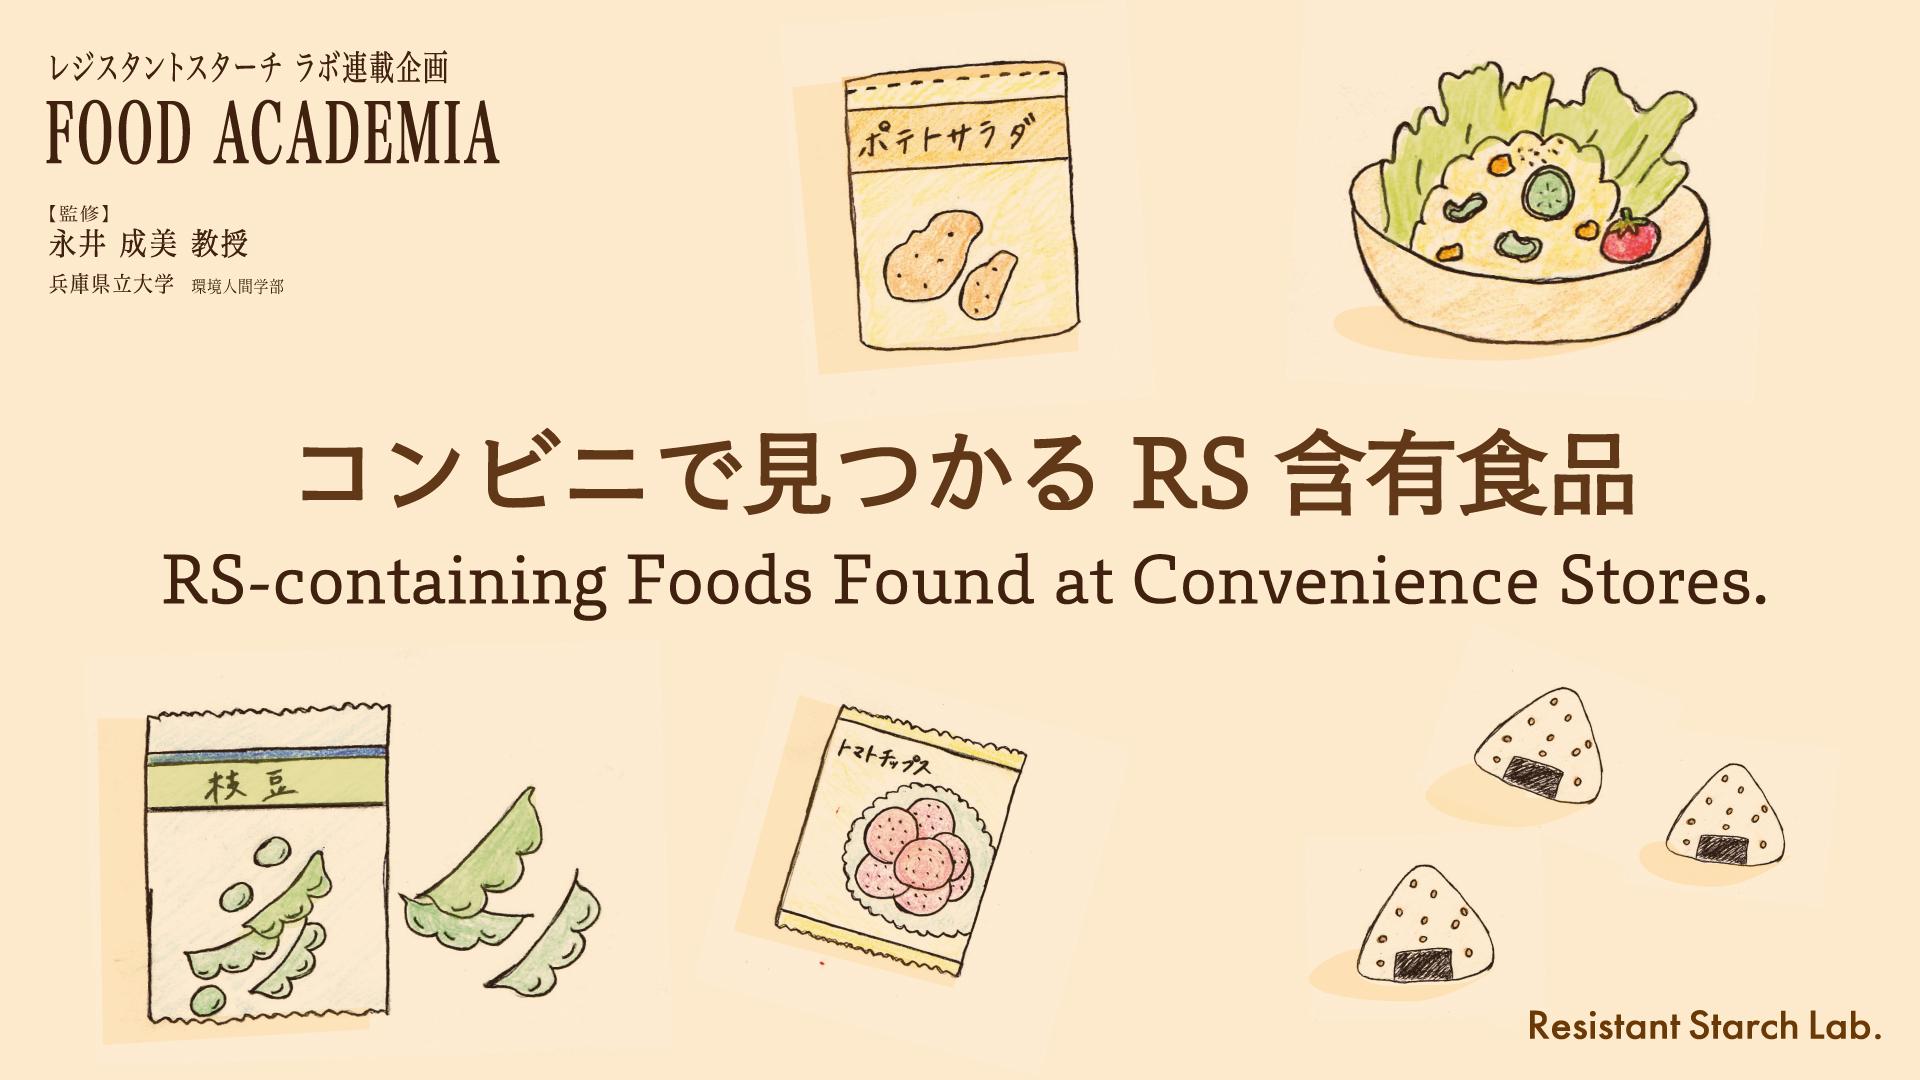 発見編「コンビニで見つかるRS(レジスタントスターチ)含有食品」